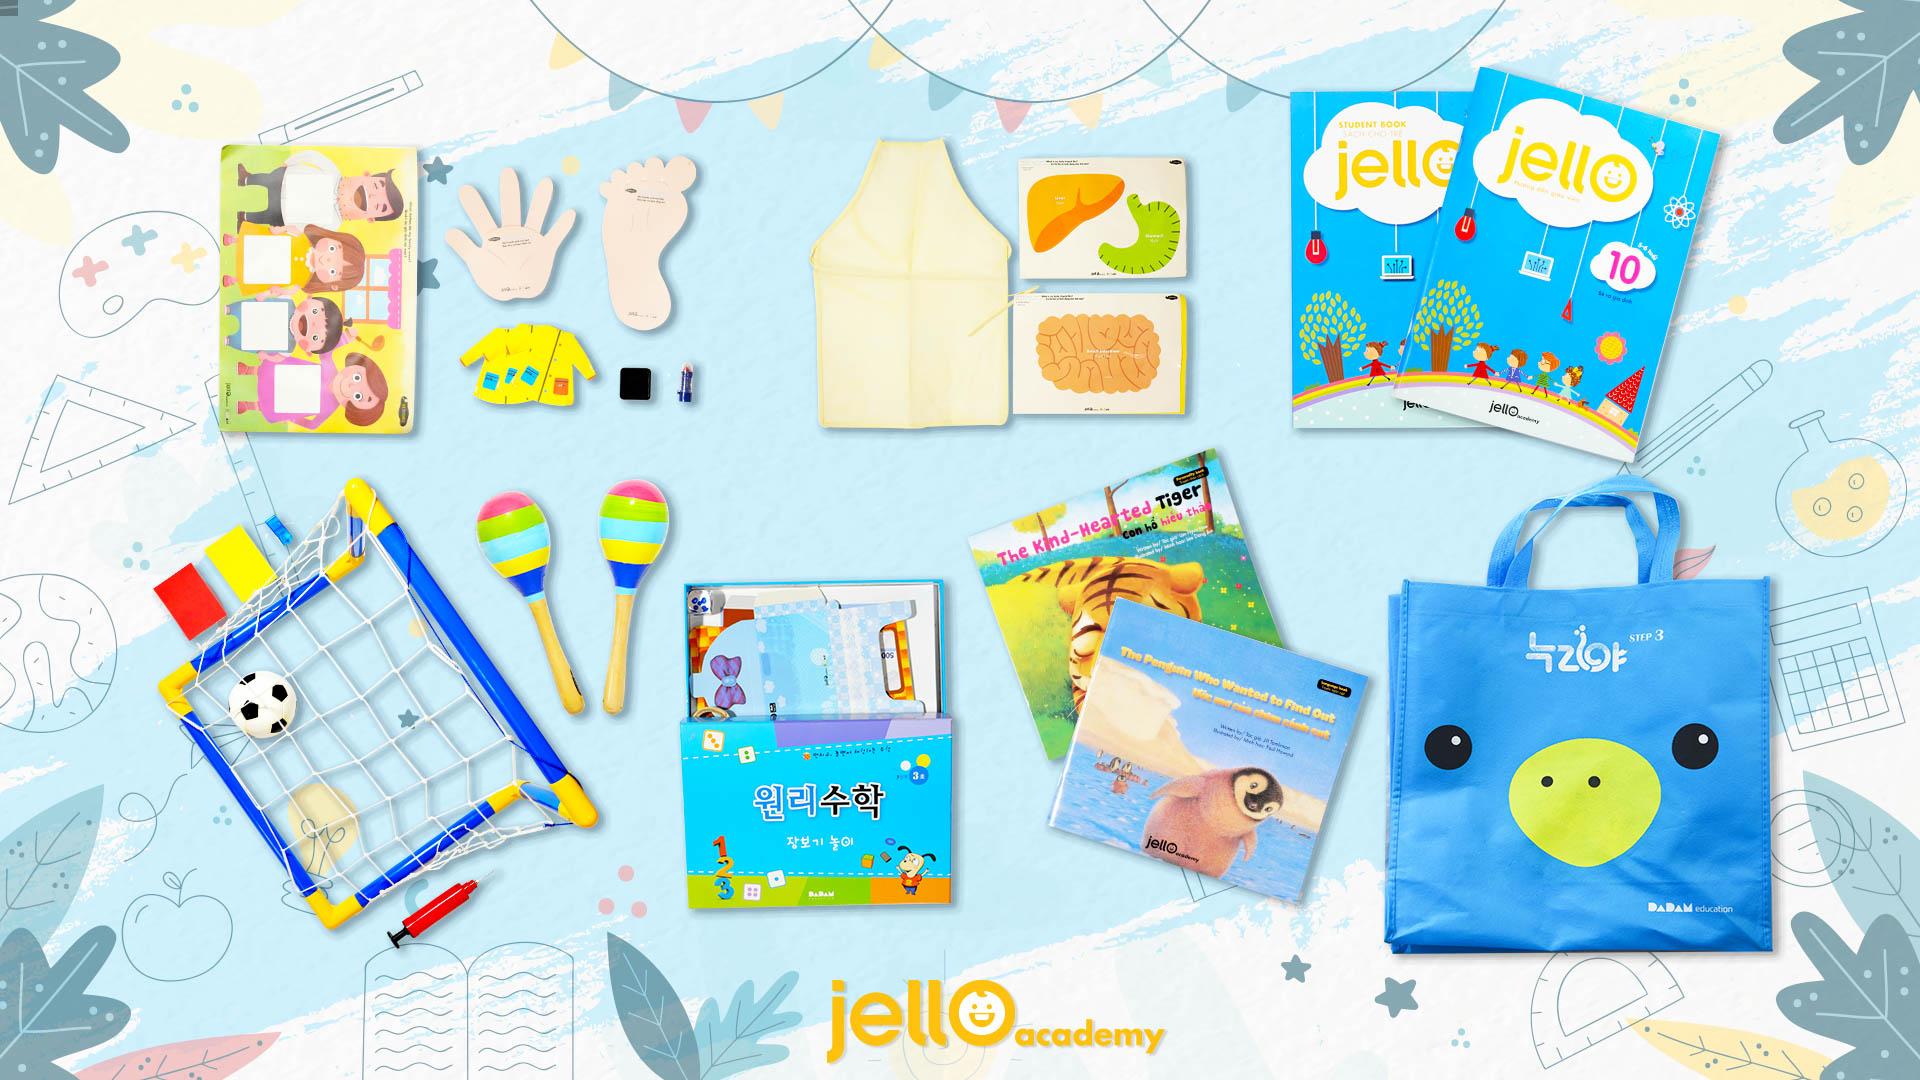 Bộ học cụ Jello - 5 Tuổi - Tháng 10